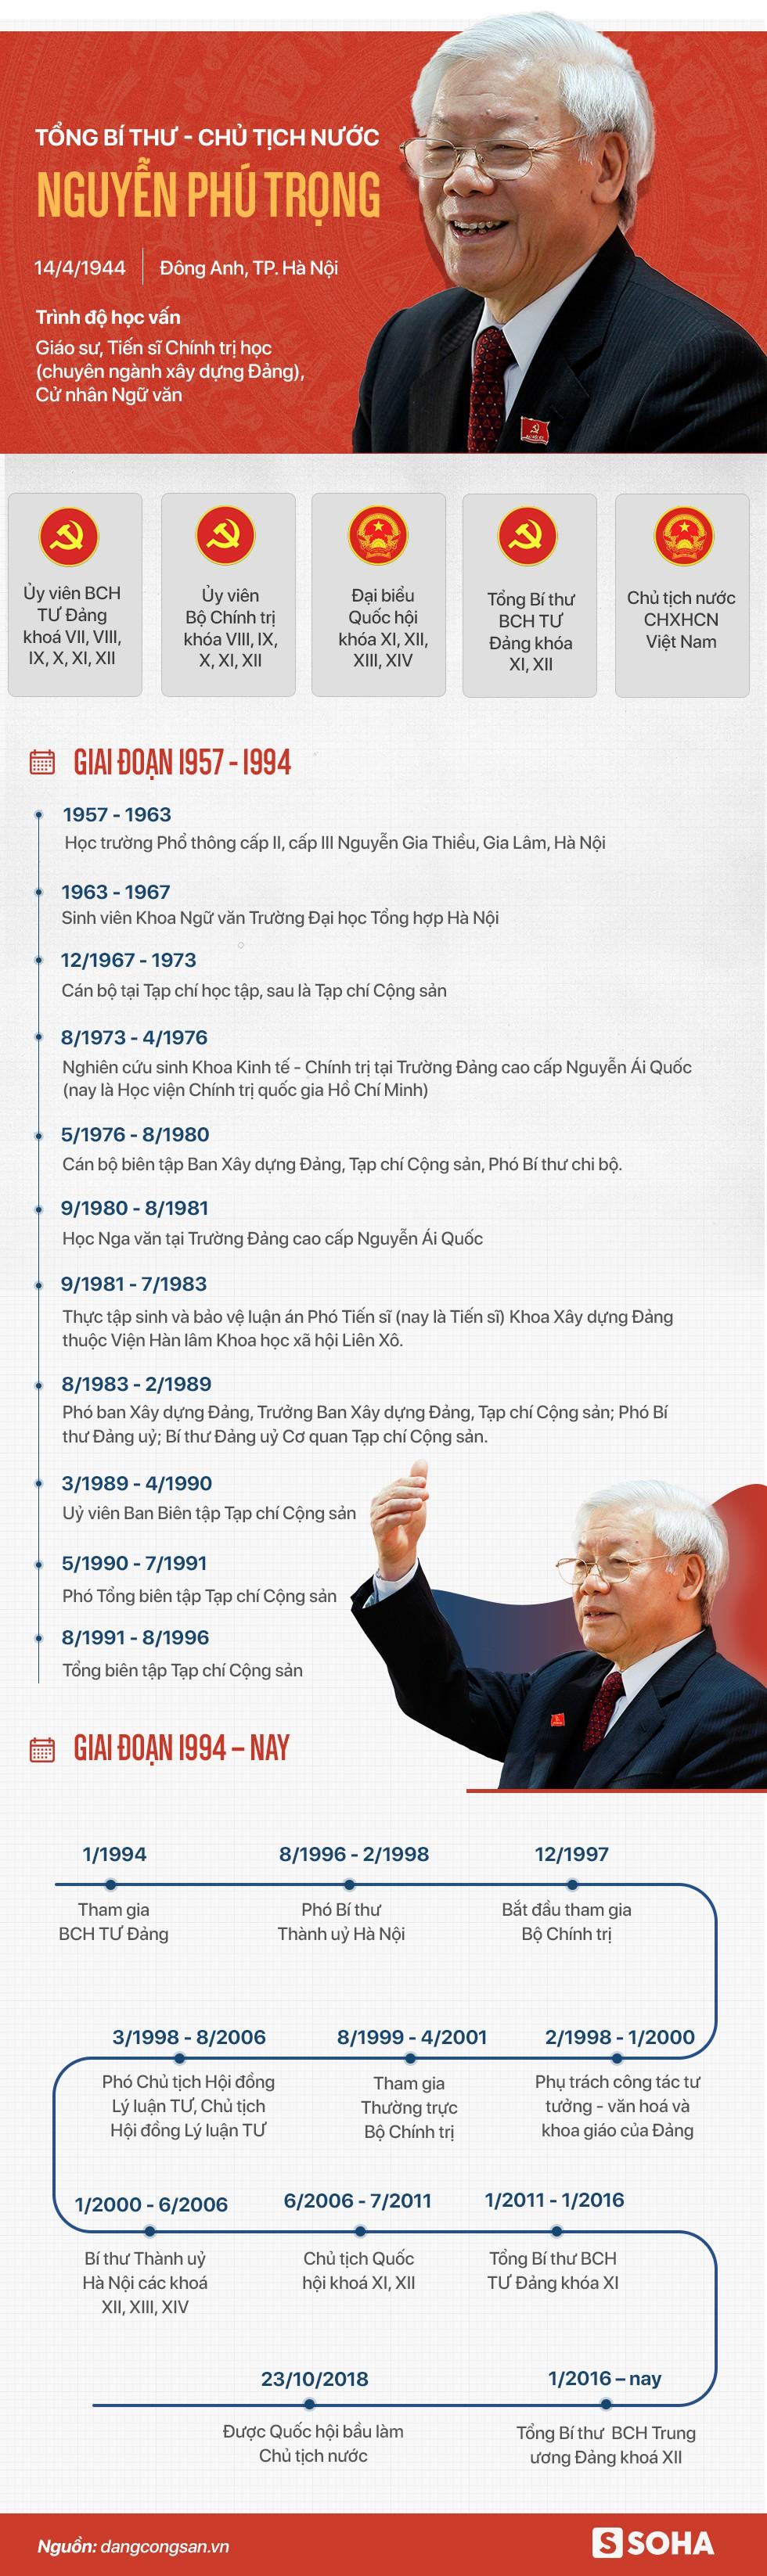 Tiểu sử Tổng bí thư, Chủ tịch nước Nguyễn Phú Trọng - Ảnh 1.